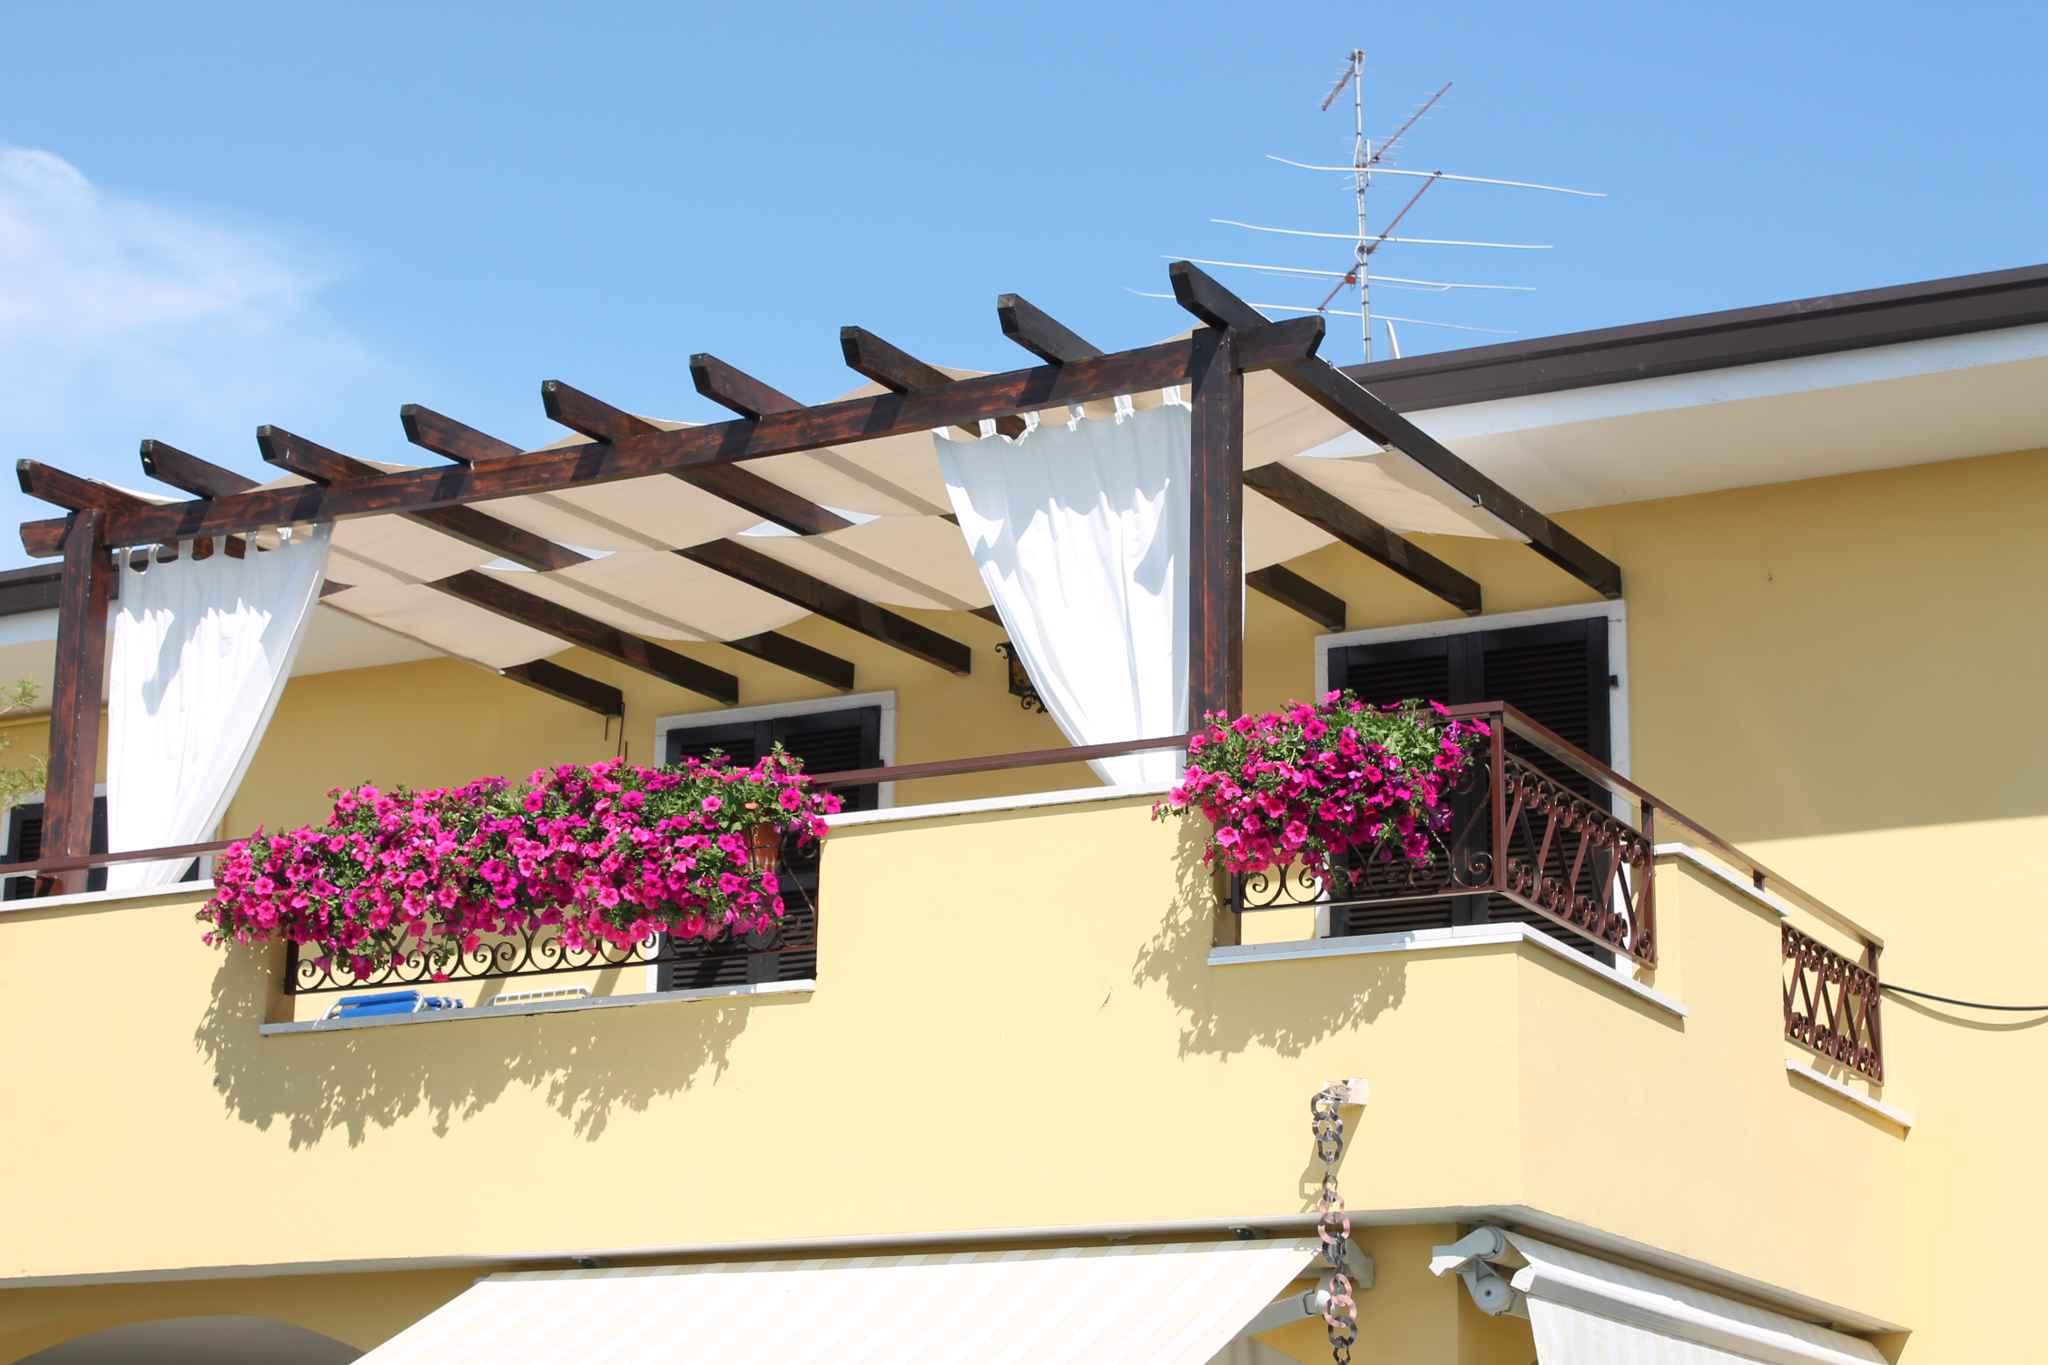 Ferienwohnung con balcone (480312), Lazise, Gardasee, Venetien, Italien, Bild 11